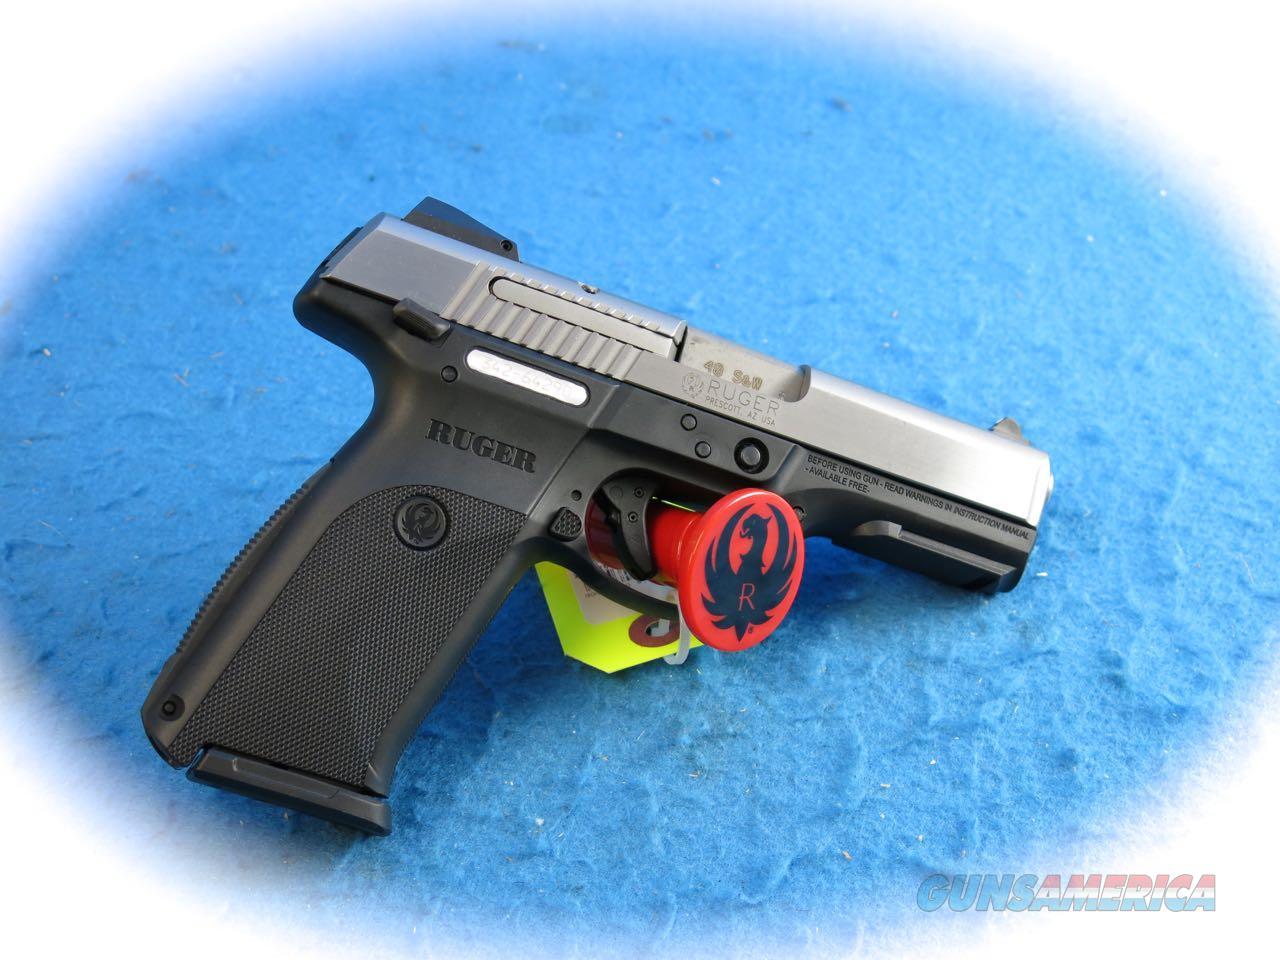 **SALE!!** Ruger SR40 .40 S&W Cal Semi Auto Pistol **New**  Guns > Pistols > Ruger Semi-Auto Pistols > SR Family > SR40